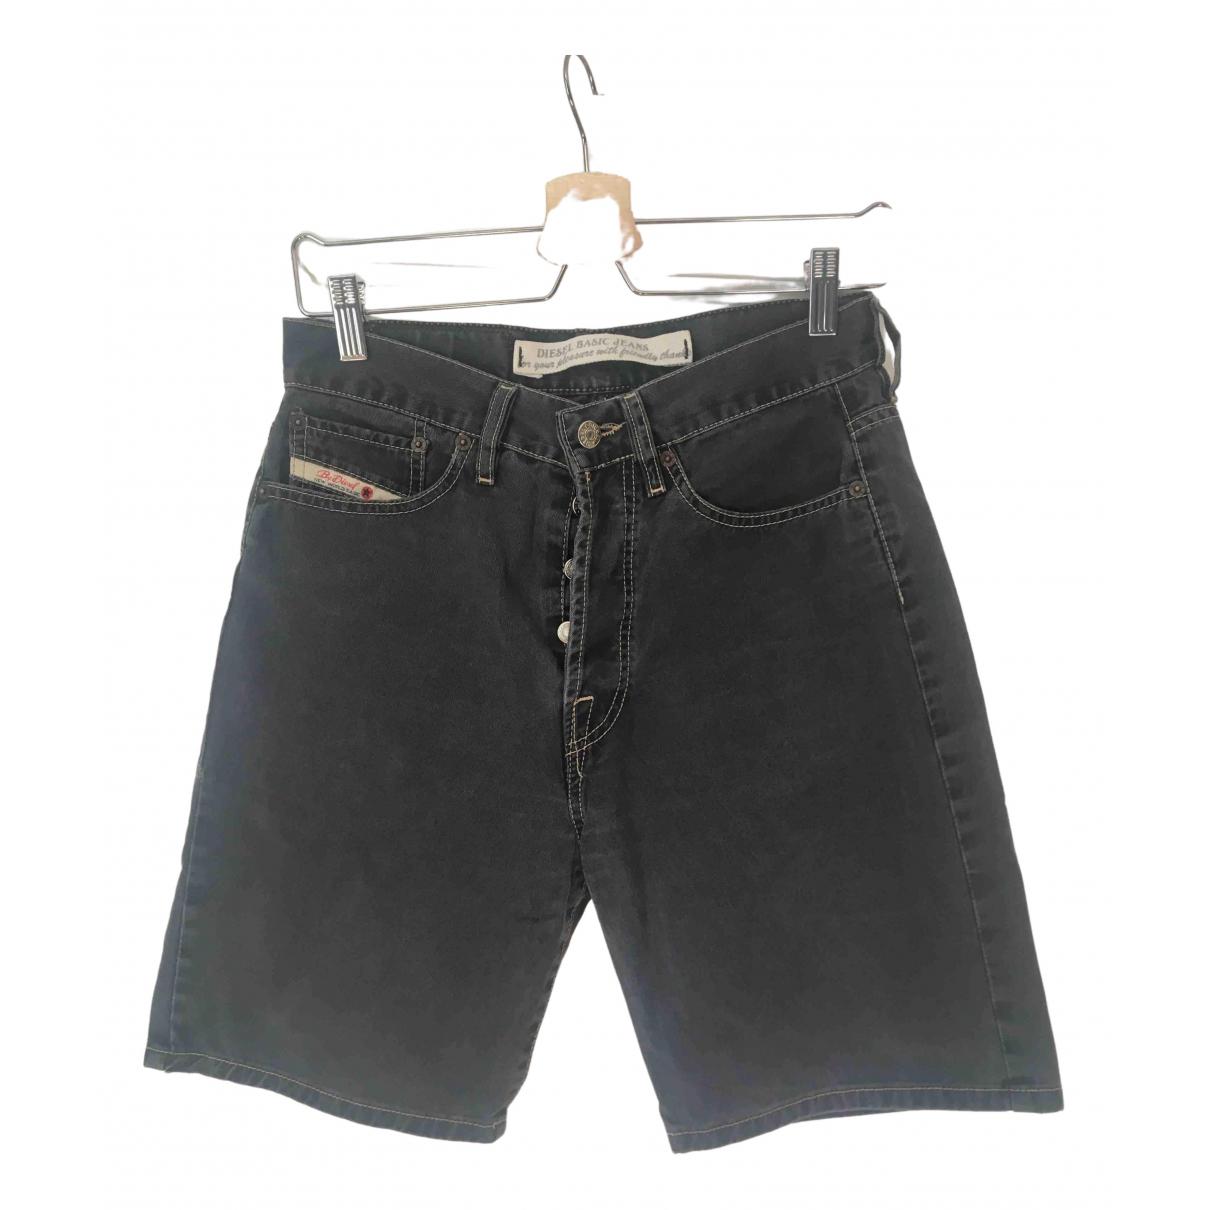 Diesel \N Shorts in  Anthrazit Denim - Jeans